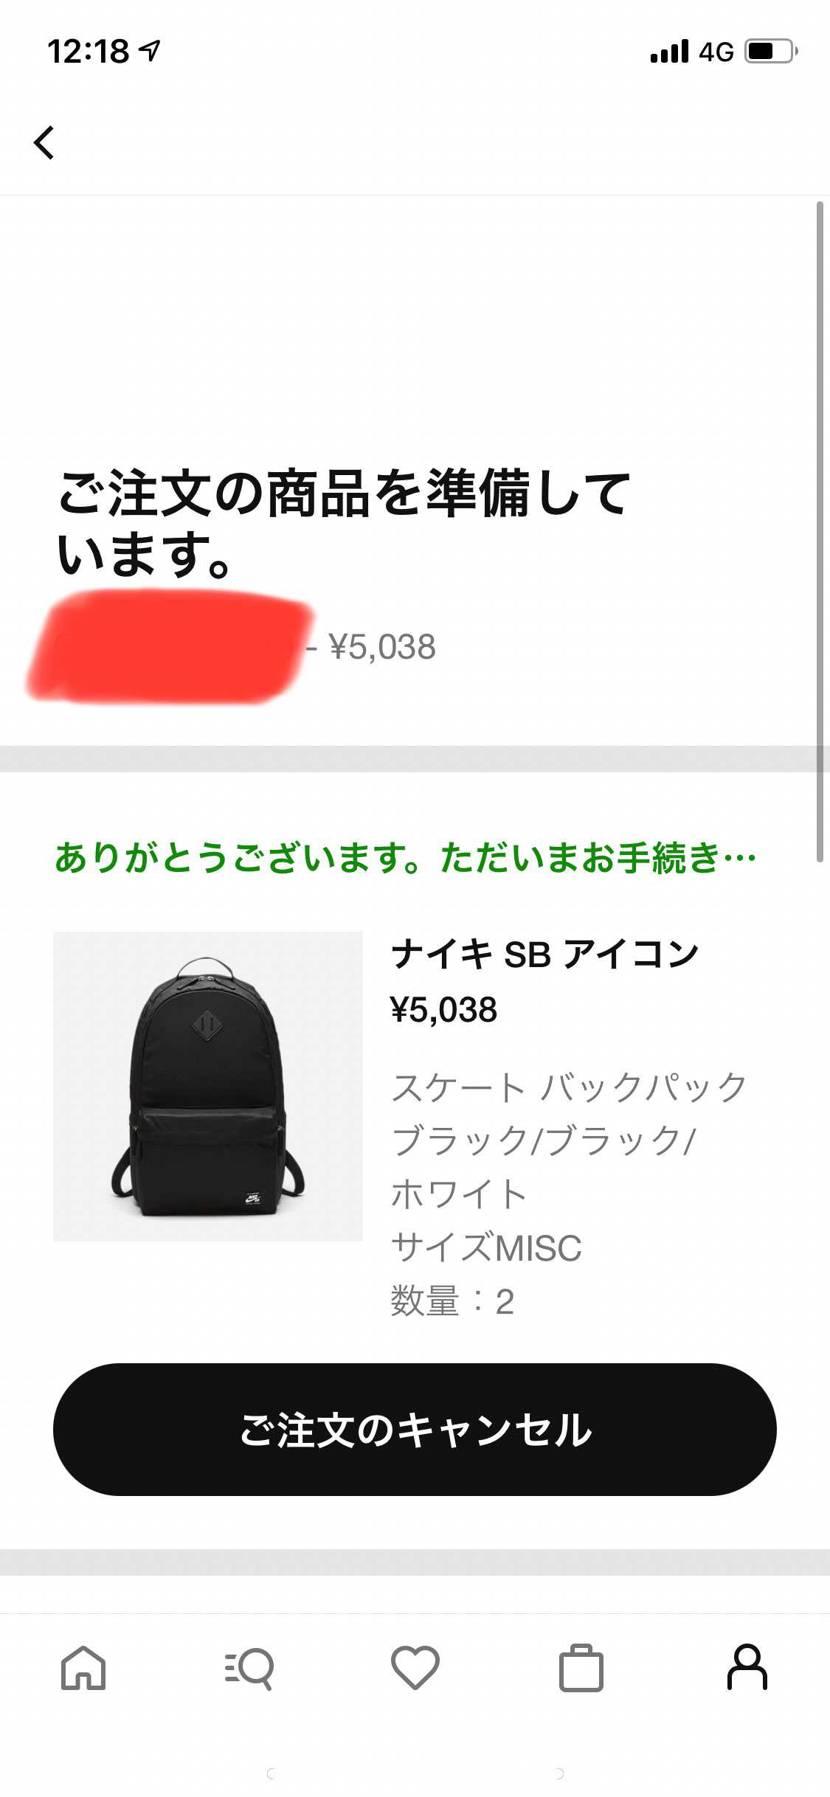 シンプルで使いやすいし2500円は安いから予備も含めて2つ購入👏